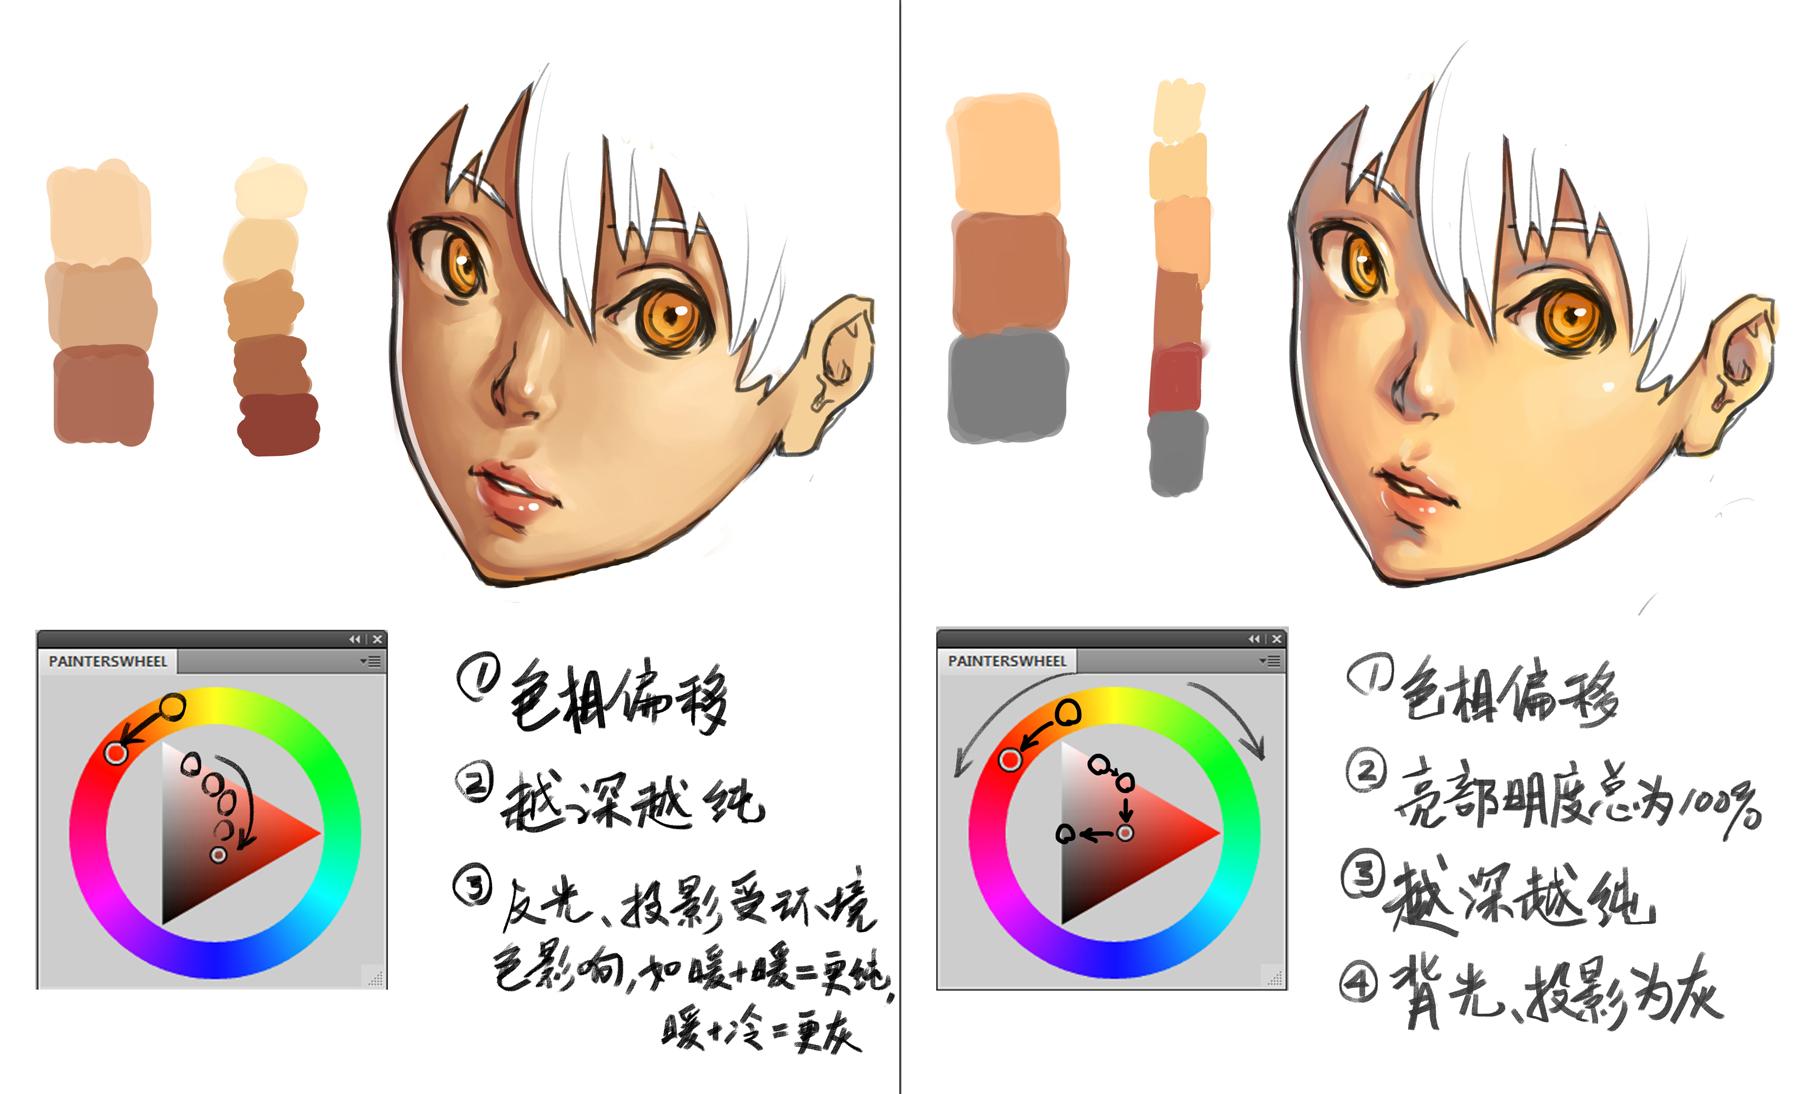 Normal vs Korean colouring by GBWhisper on DeviantArt